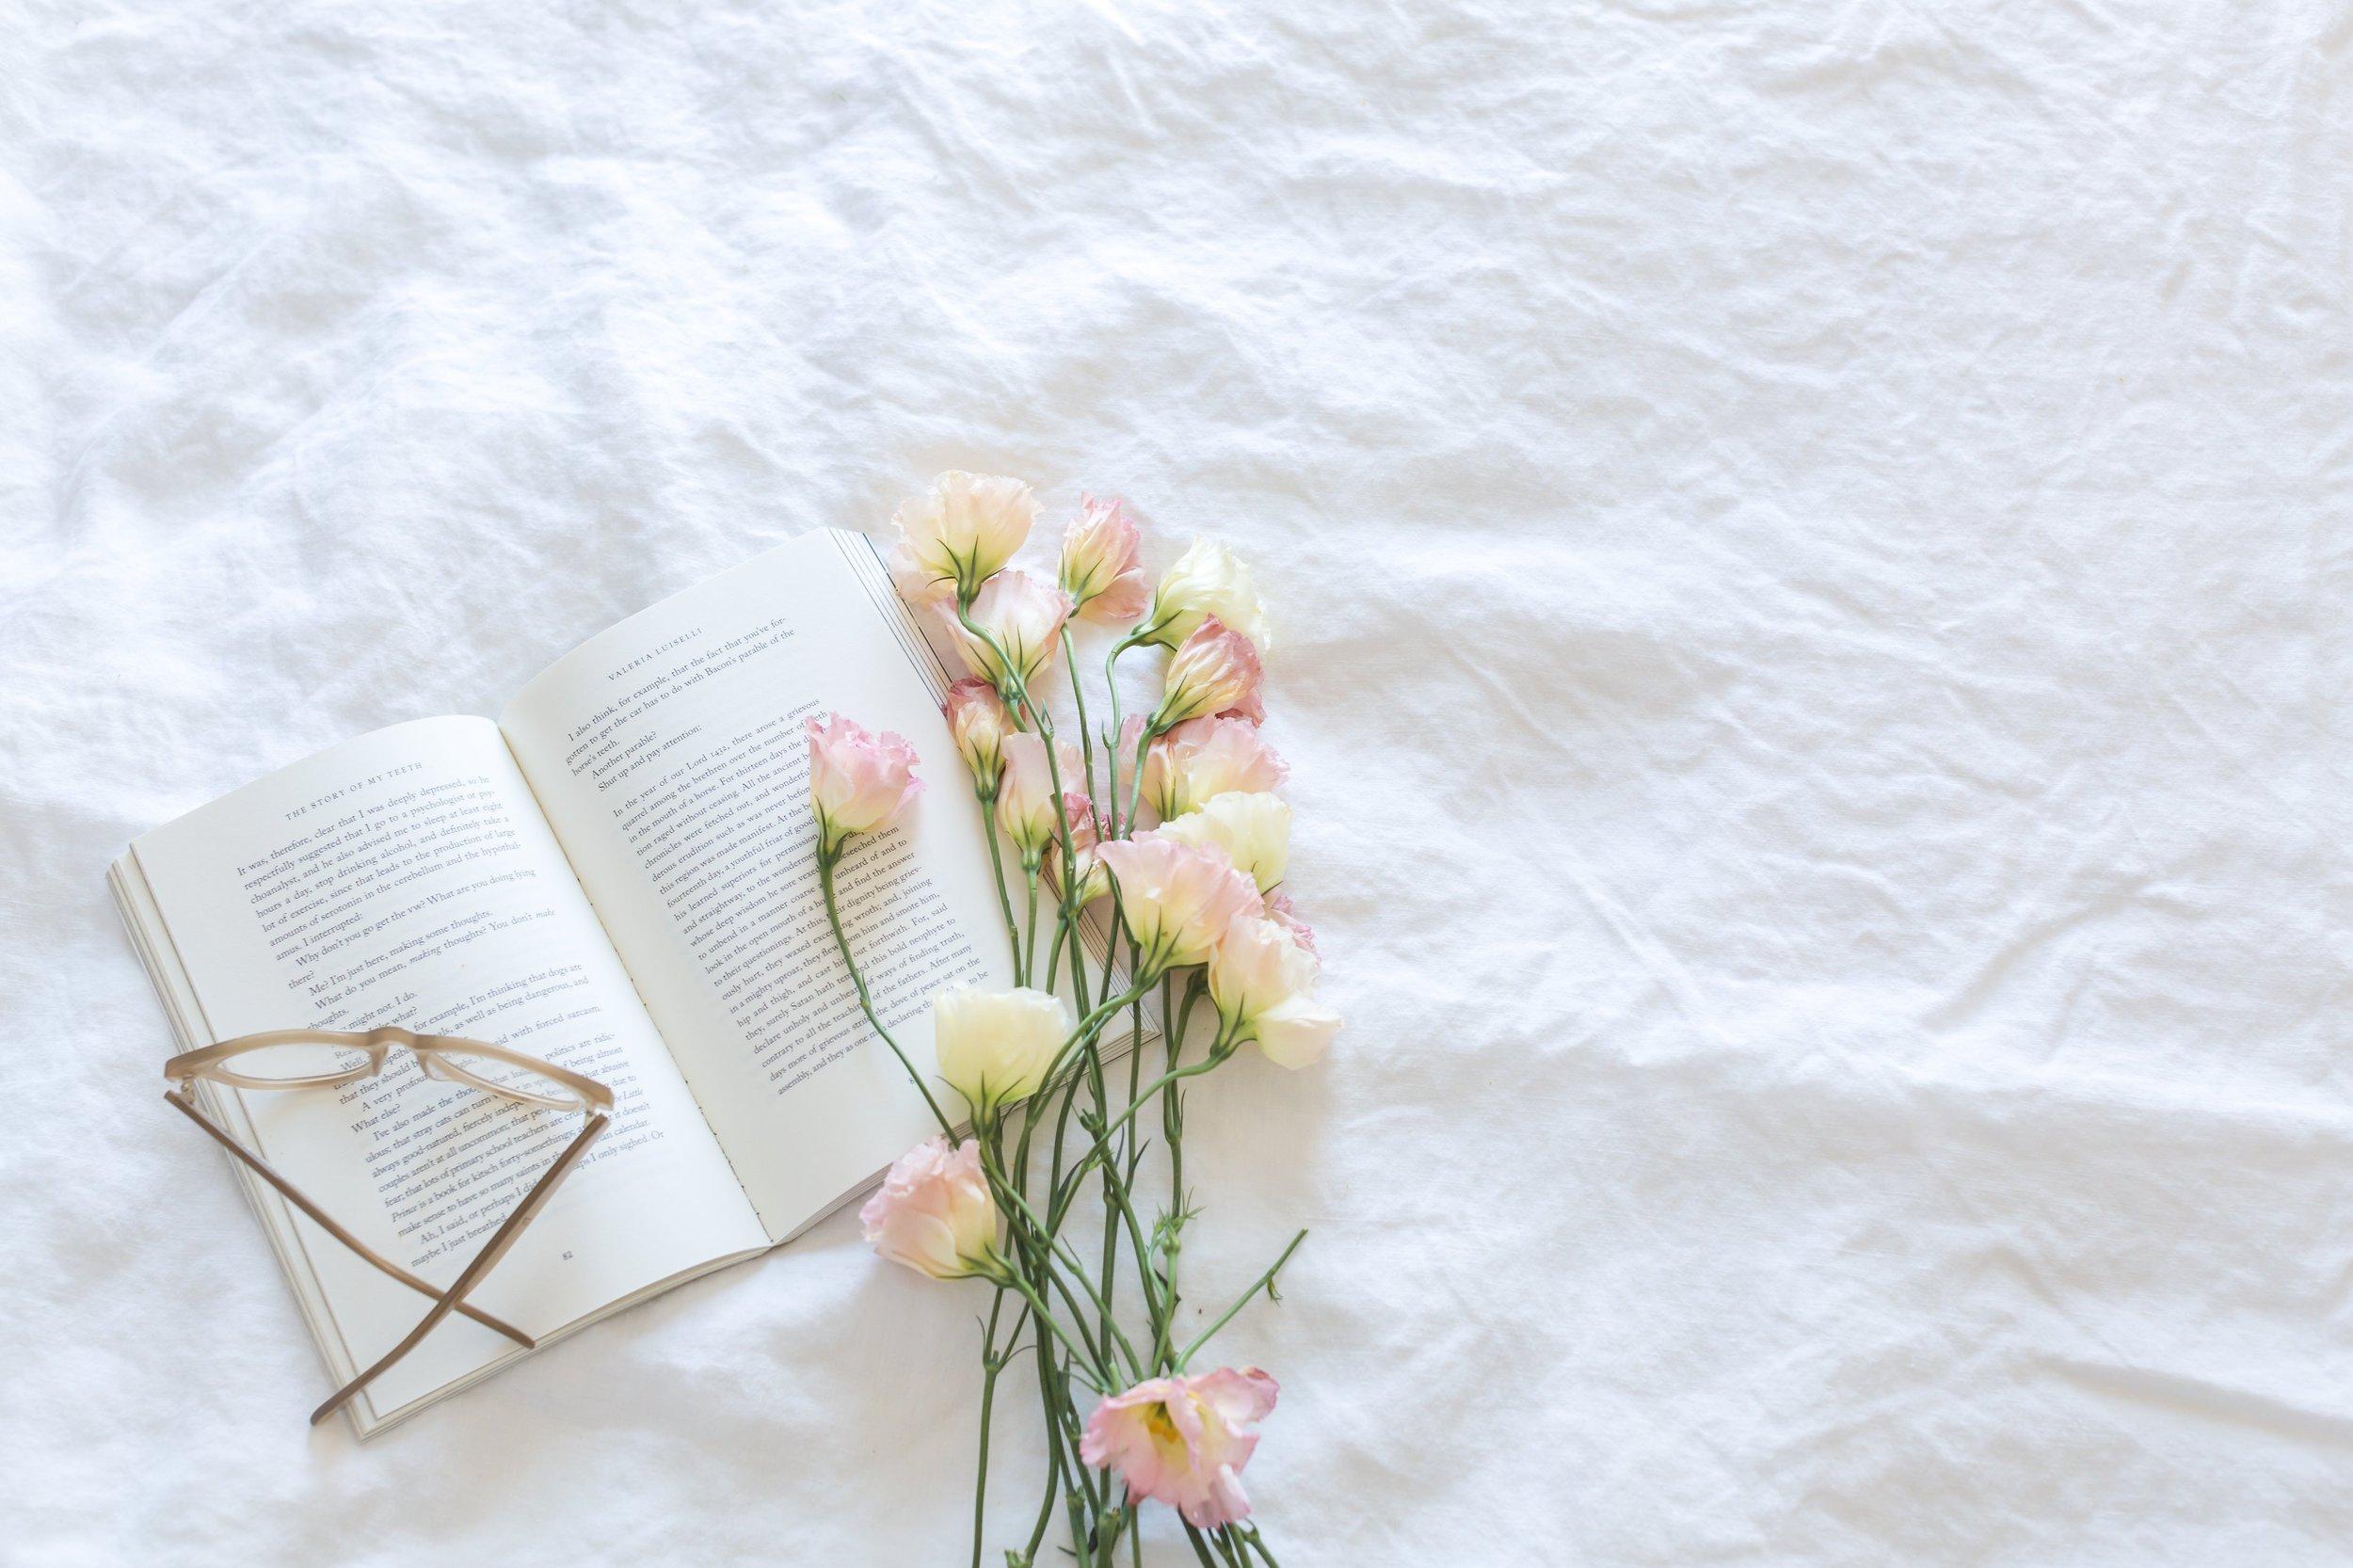 blanket-bloom-blooming-545049.jpg